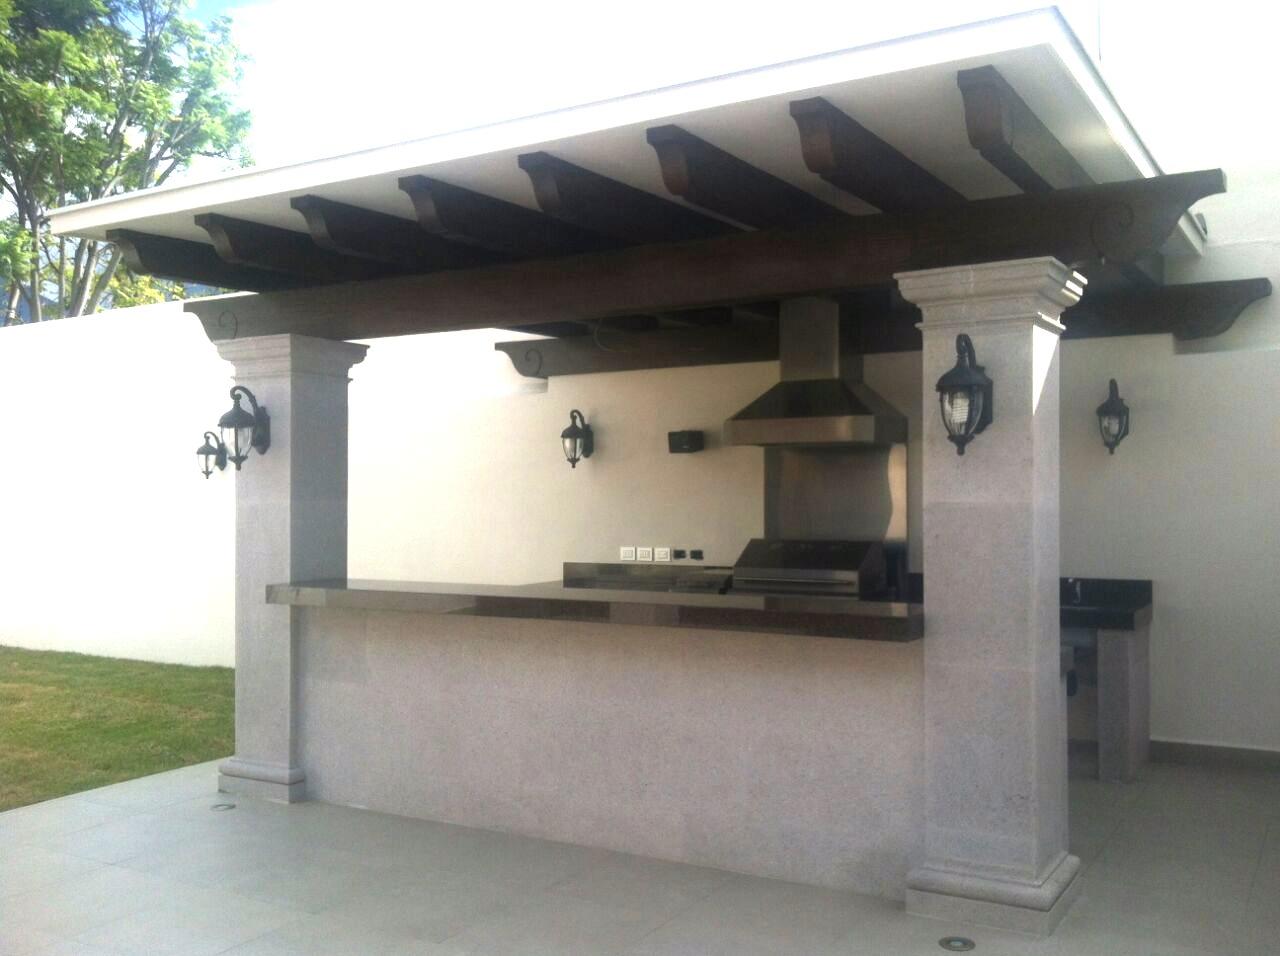 Convierte tu jard n en una terraza con cocina exterior for Barras para exterior jardin